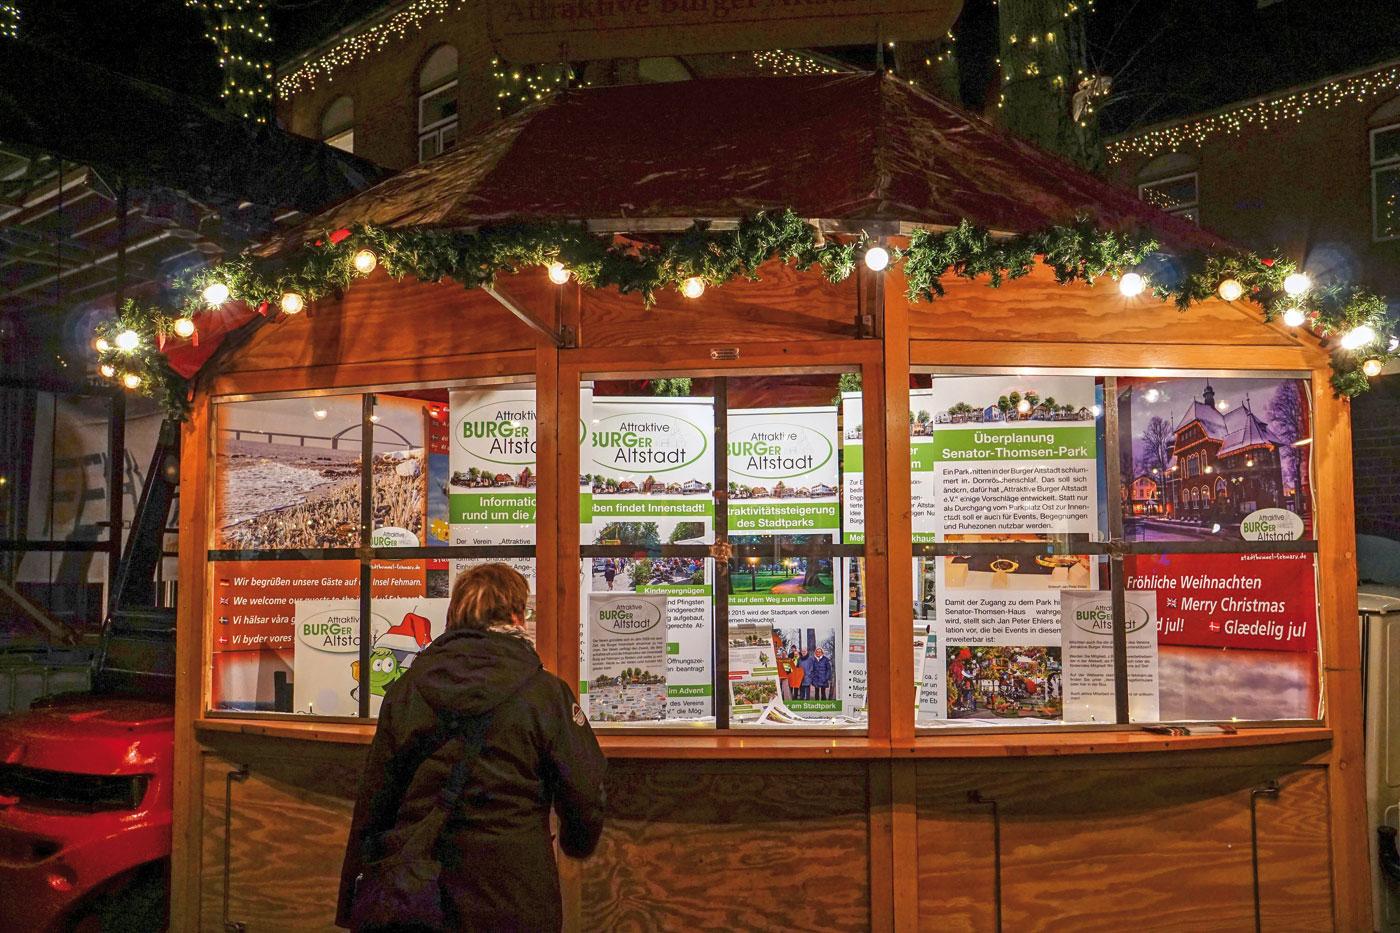 Weihnachtsmarkt Fehmarn.Weihnachtsmarkt 2017